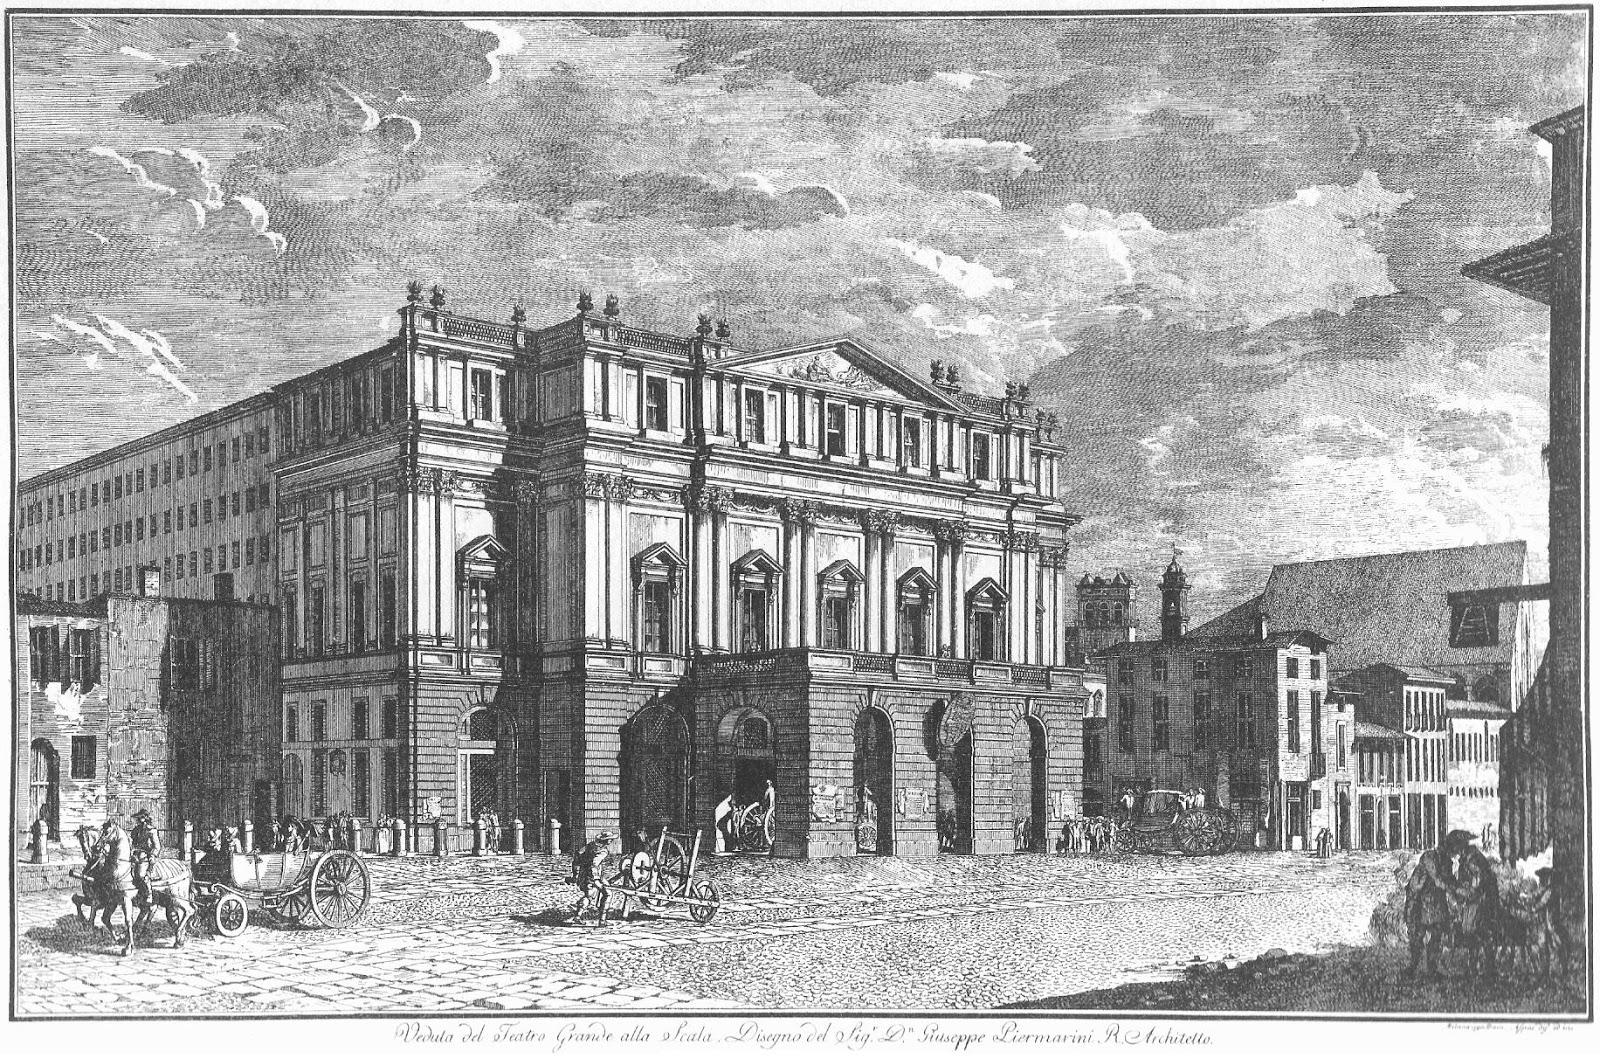 Cartellone 3 Stampa-Teatro-Alla-Scala-1800